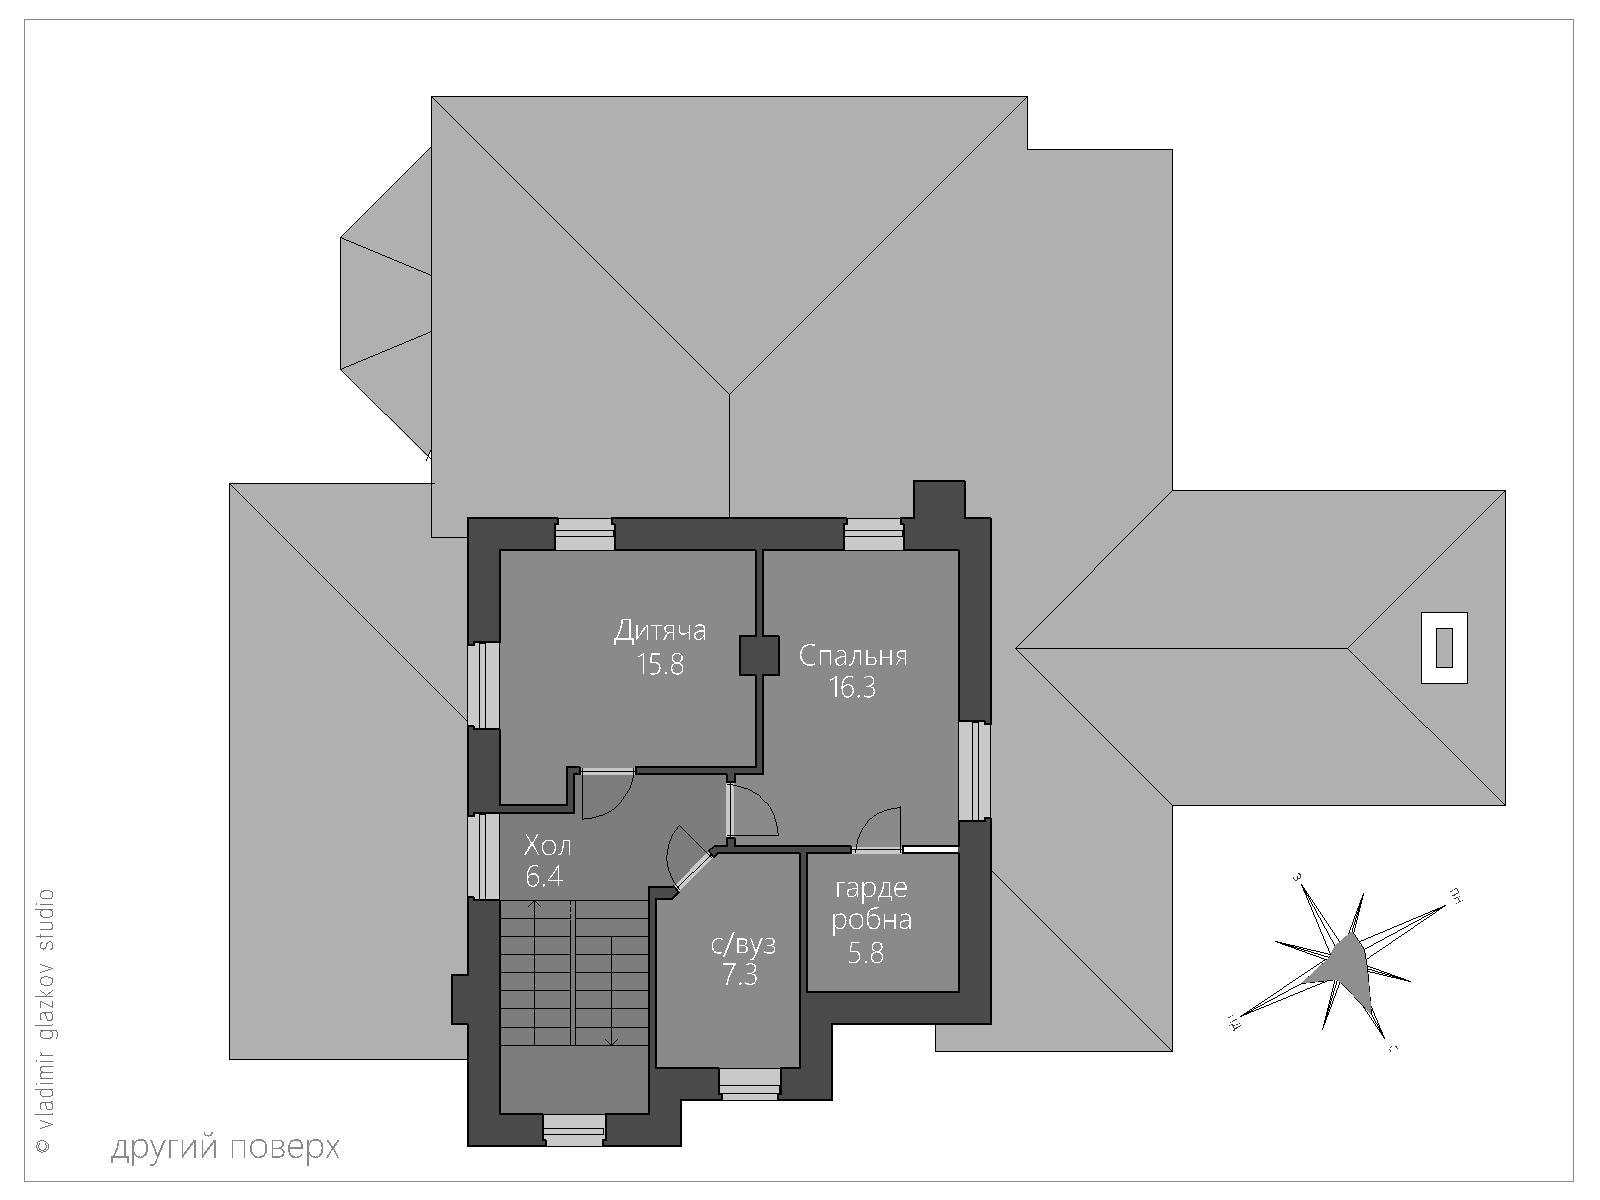 Проект будинку в Середземноморському стилі з терасами панорамними вікнами, план 2